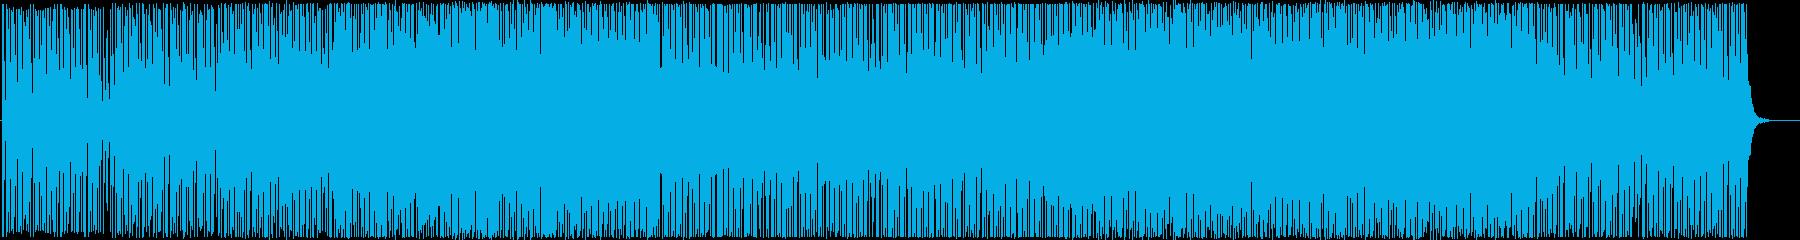 明るくポジティブなシンセポップ-軽快の再生済みの波形